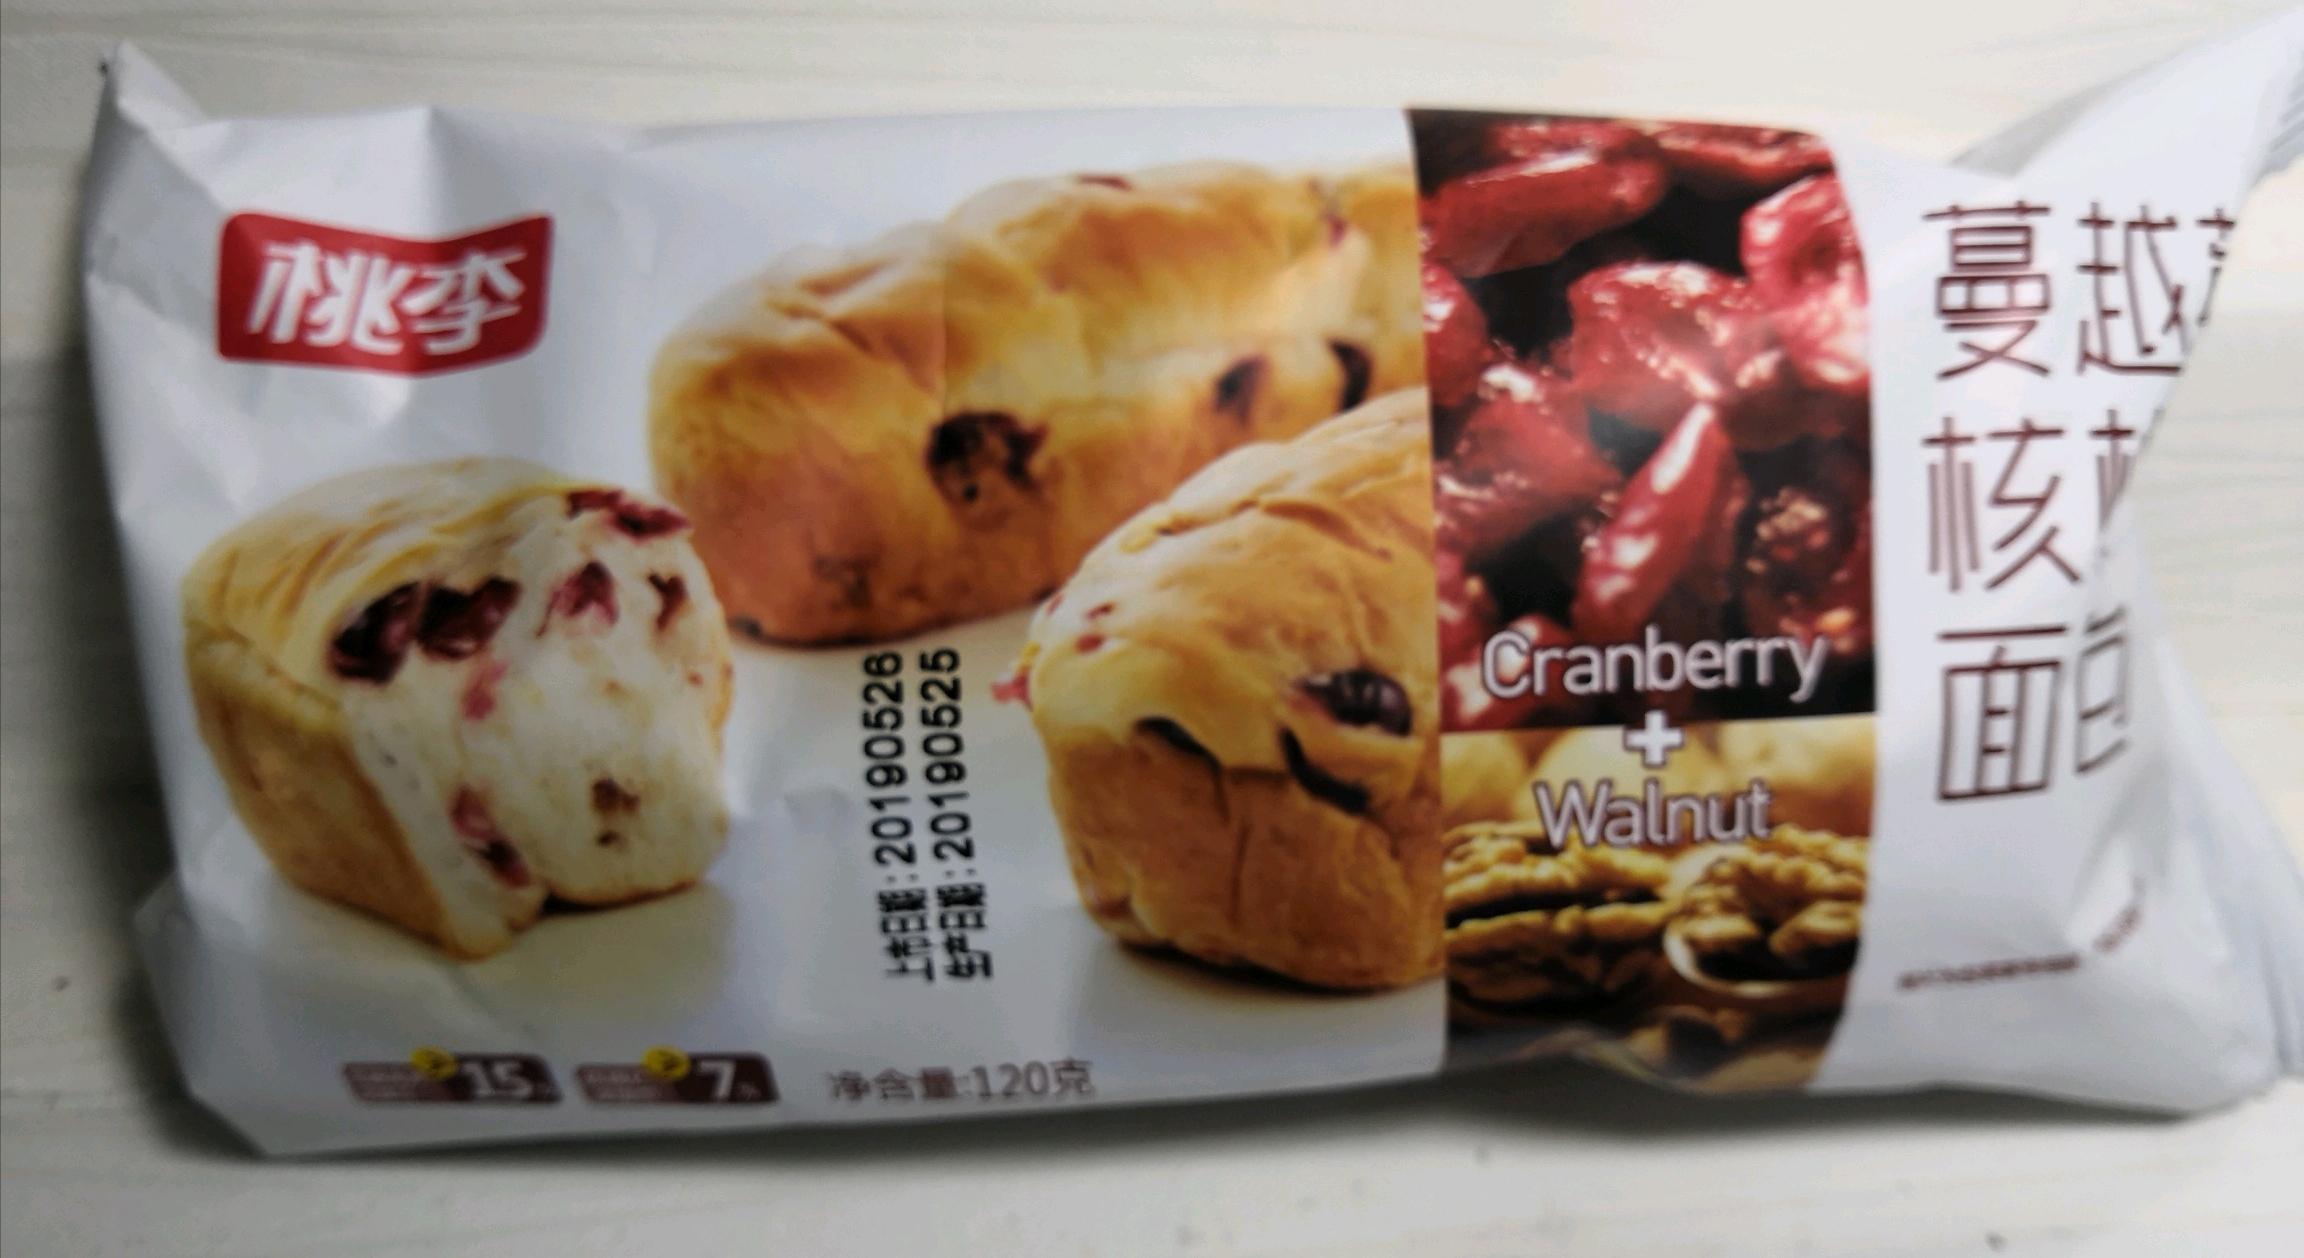 【面包测评】桃李蔓越莓核桃面包